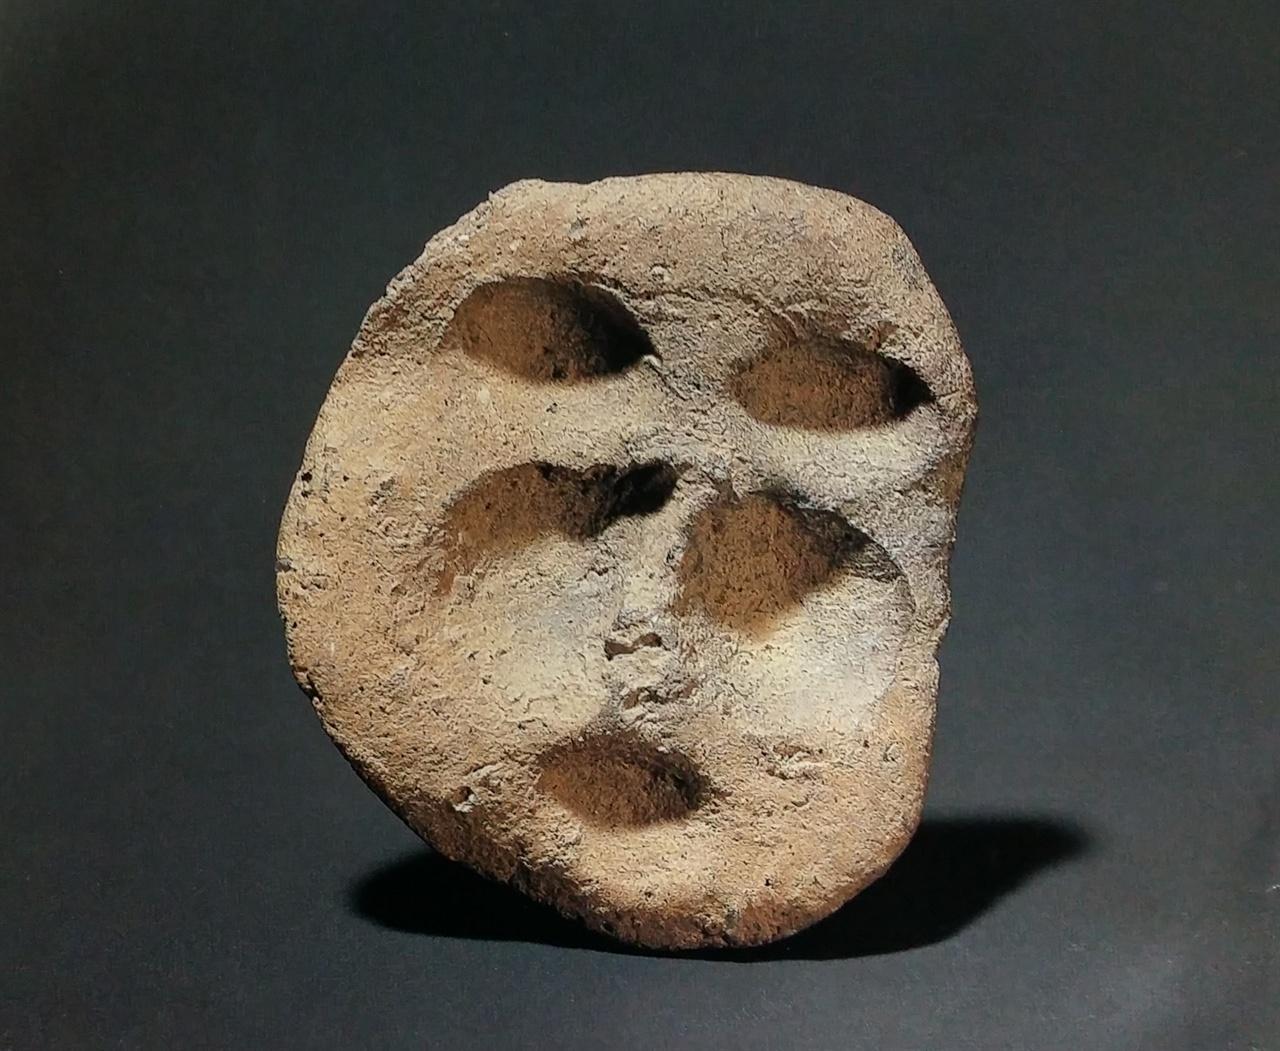 사람 얼굴 흙인형 신석기 시대. 가로 4.3cm. 높이 5.1cm. 이 흙인형은 서울대학교박물관에 있었는데, 지난 2011년 10월 오산리선사유적박물관으로 옮겨 왔다.